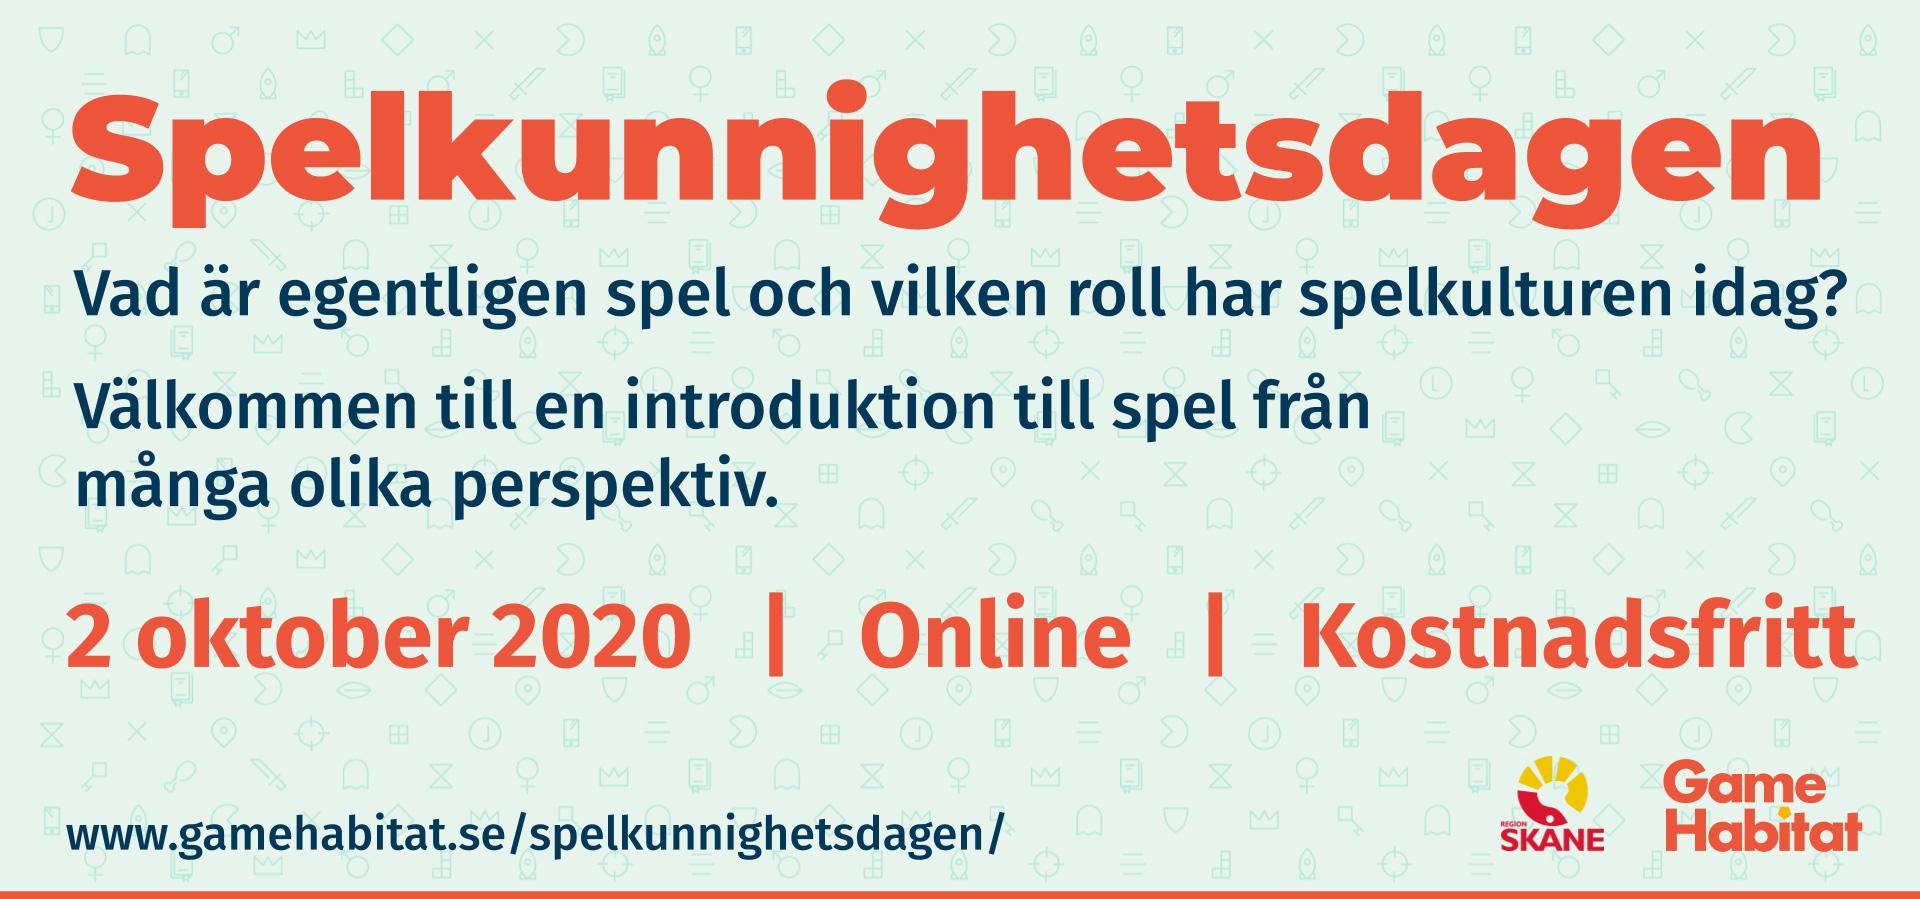 Spelkunnighetsdagen banner 2 1920x900